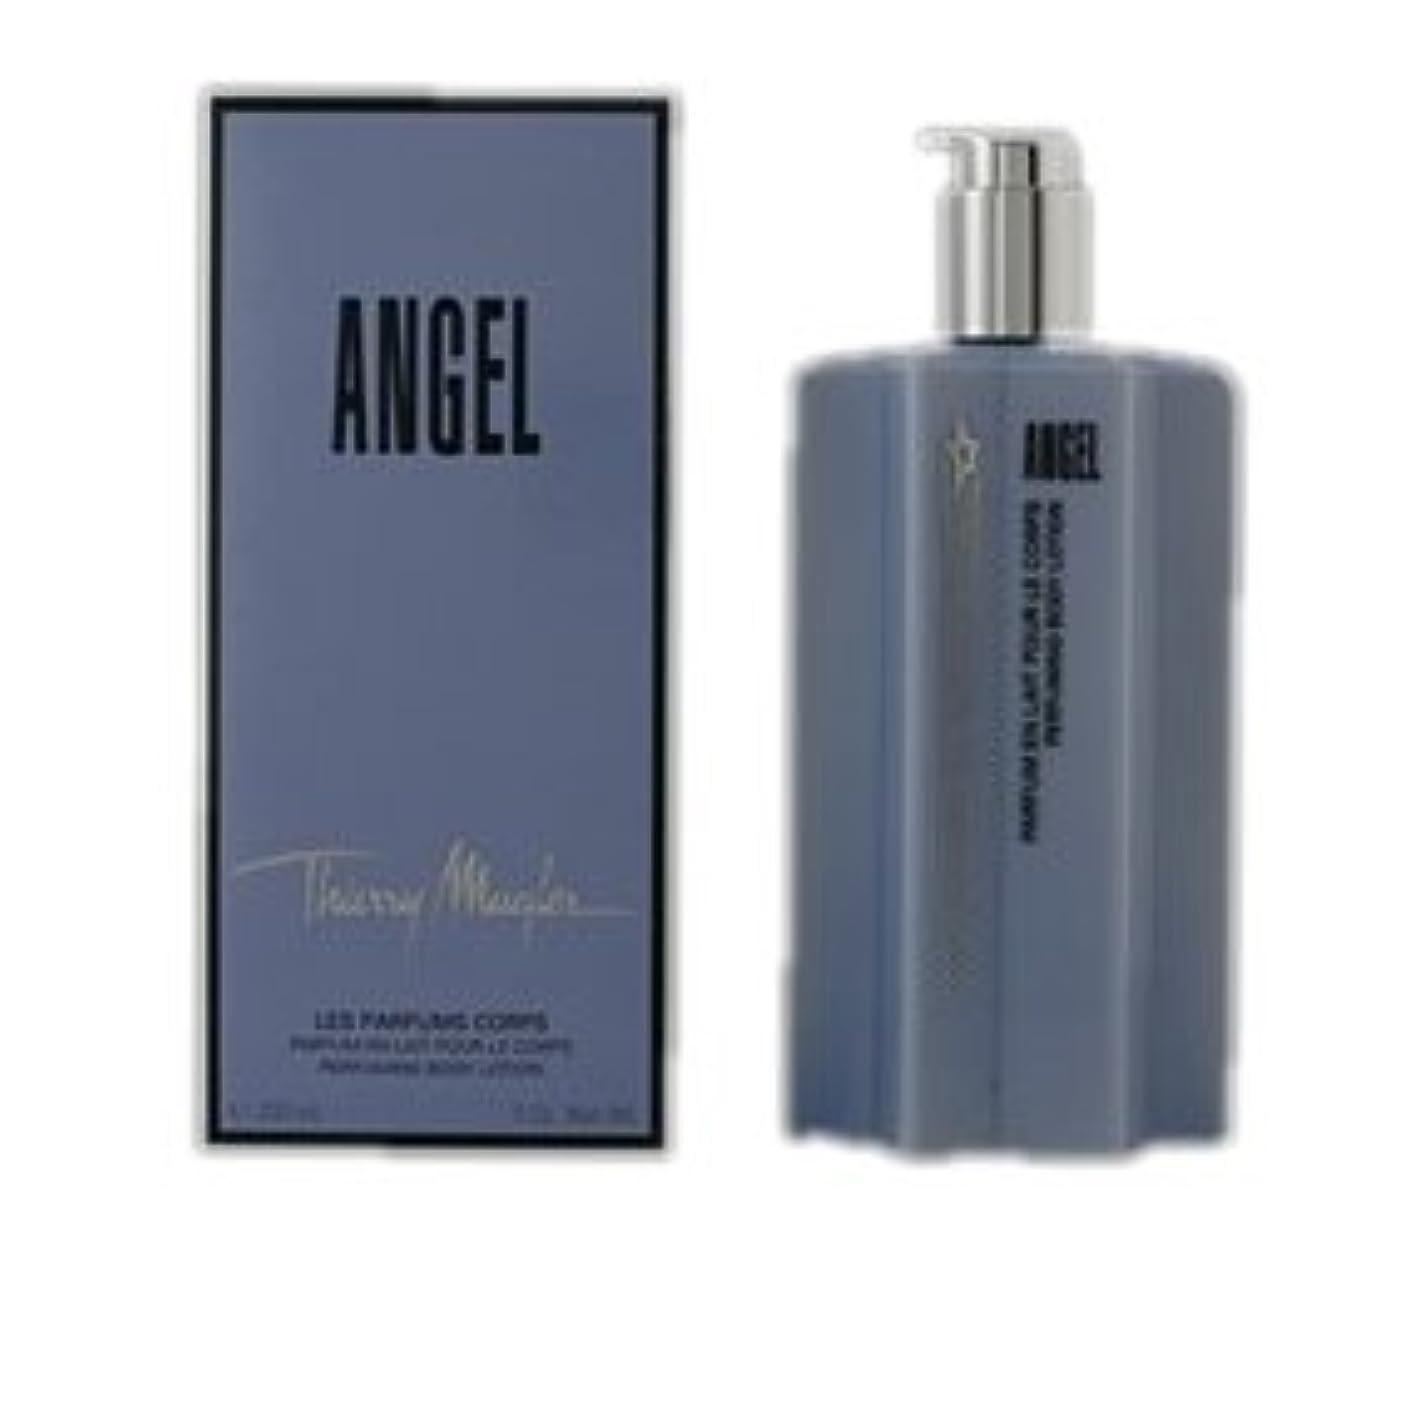 オールオール計器Thierry Mugler Angel Perfuming Body Lotion 200ml [並行輸入品]